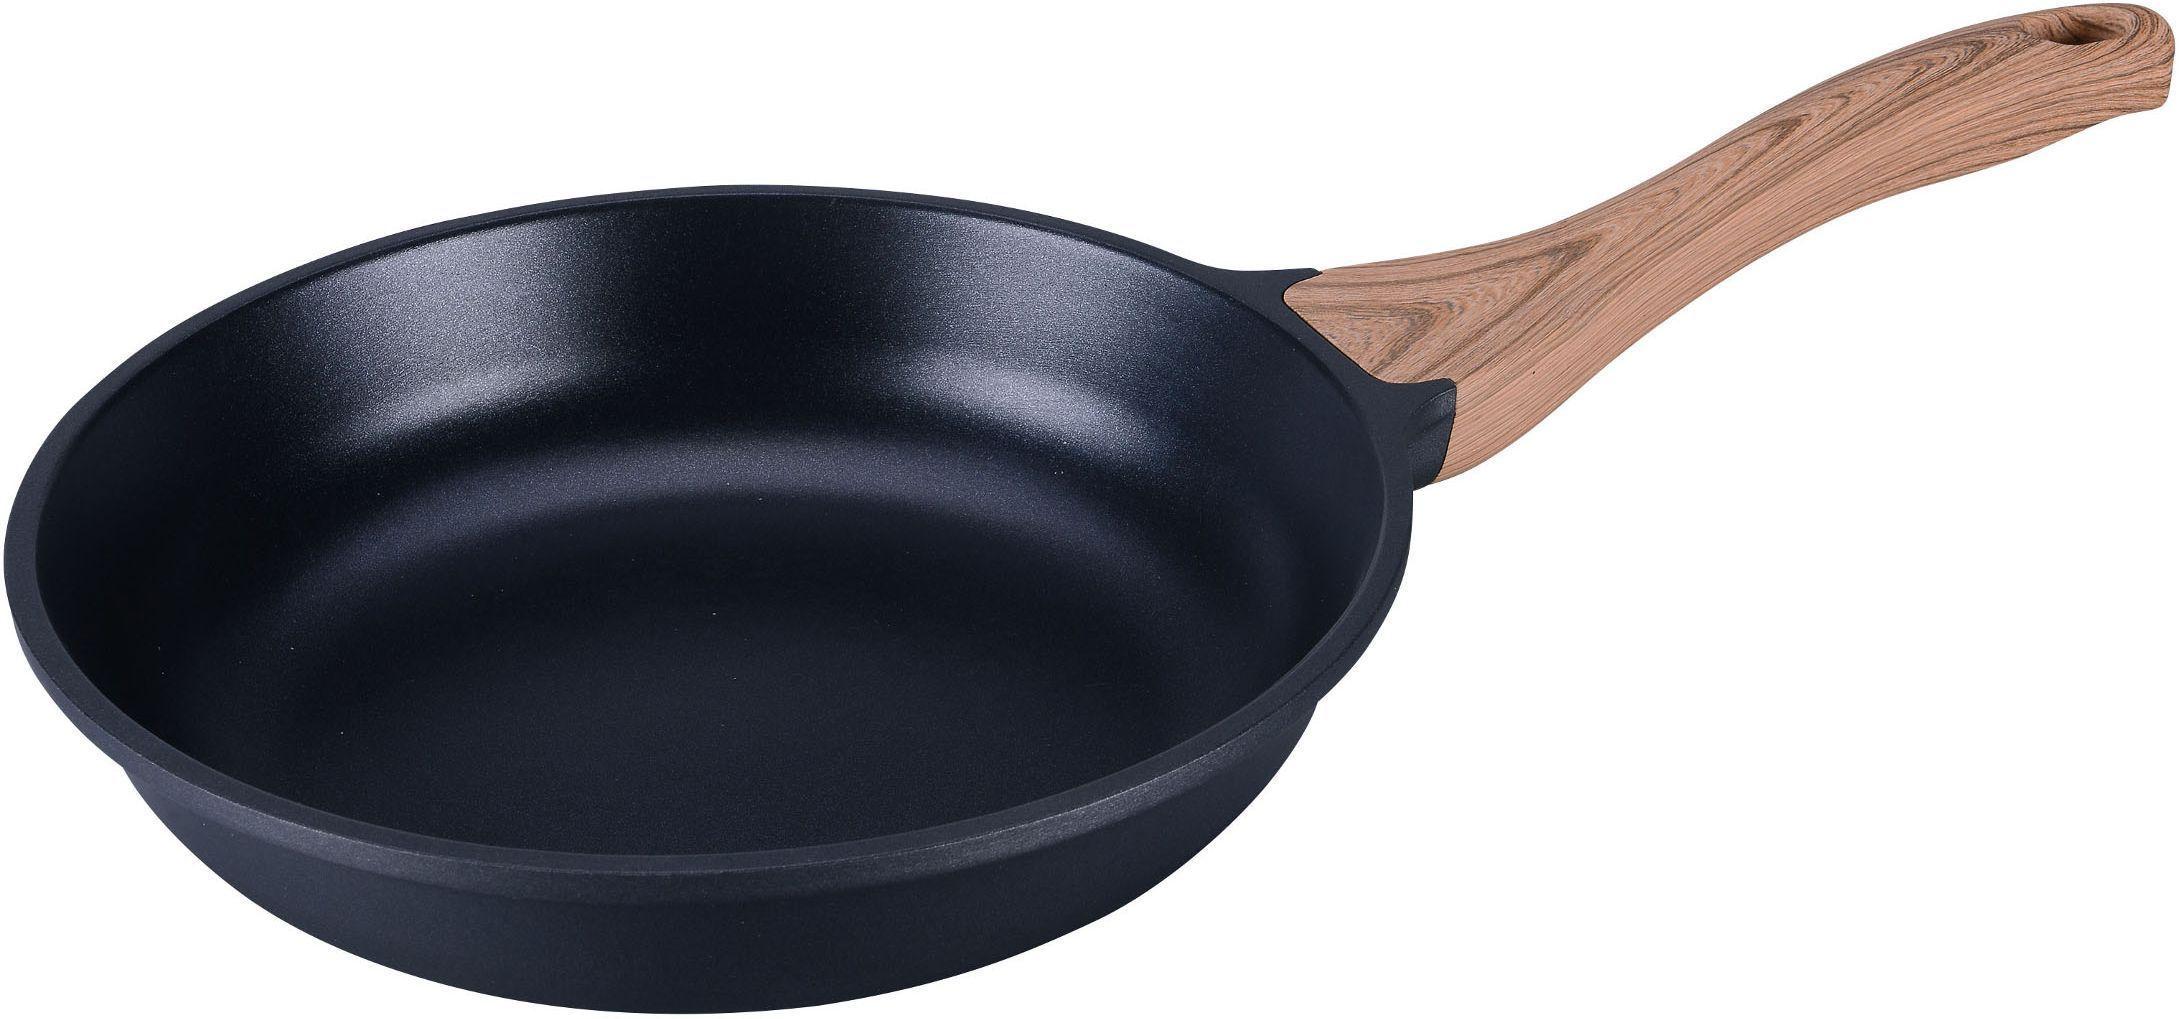 Сковорода SSW, с деревянной ручкой, 20 х 5 см. 316520316520Сковорода SSW изготовлена из высококачественного алюминия с внутренним антипригарным покрытием. Покрытие не оставляет послевкусия, делает возможным приготовление блюд без масла, сохраняет витамины и питательные вещества. Удобная деревянная ручка не нагревается во время приготовления пищи. Сковорода пригодна для использования на всех типах плит, в том числе индукционных. Подходит для чистки в посудомоечной машине. При мытье не использовать абразивные моющие изделия и средства.